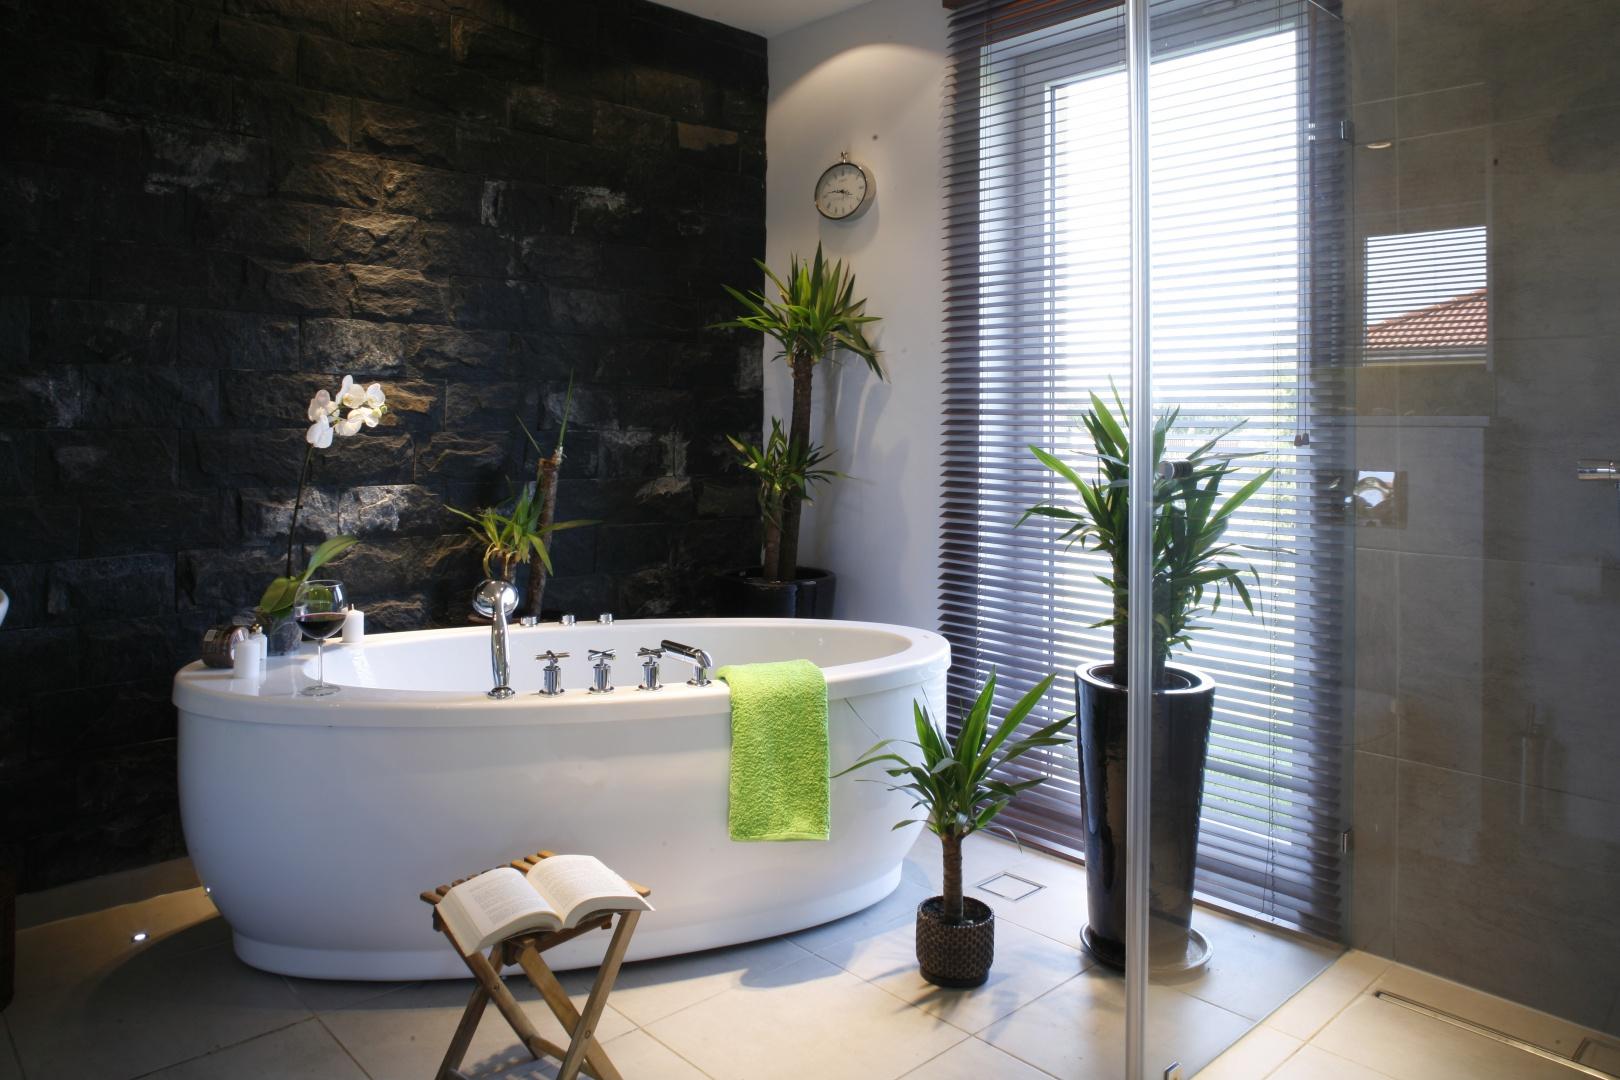 Podobnie jak w sypialni, również w łazience ścianę zdobi kamień - łupek naturalny. W tak dużym pomieszczeniu zainstalowano zarówno wannę wolno stojącą, jak i prysznic. Projekt: Katarzyna Merta-Korzniakow. Fot. Monika Filipiuk-Obałek.